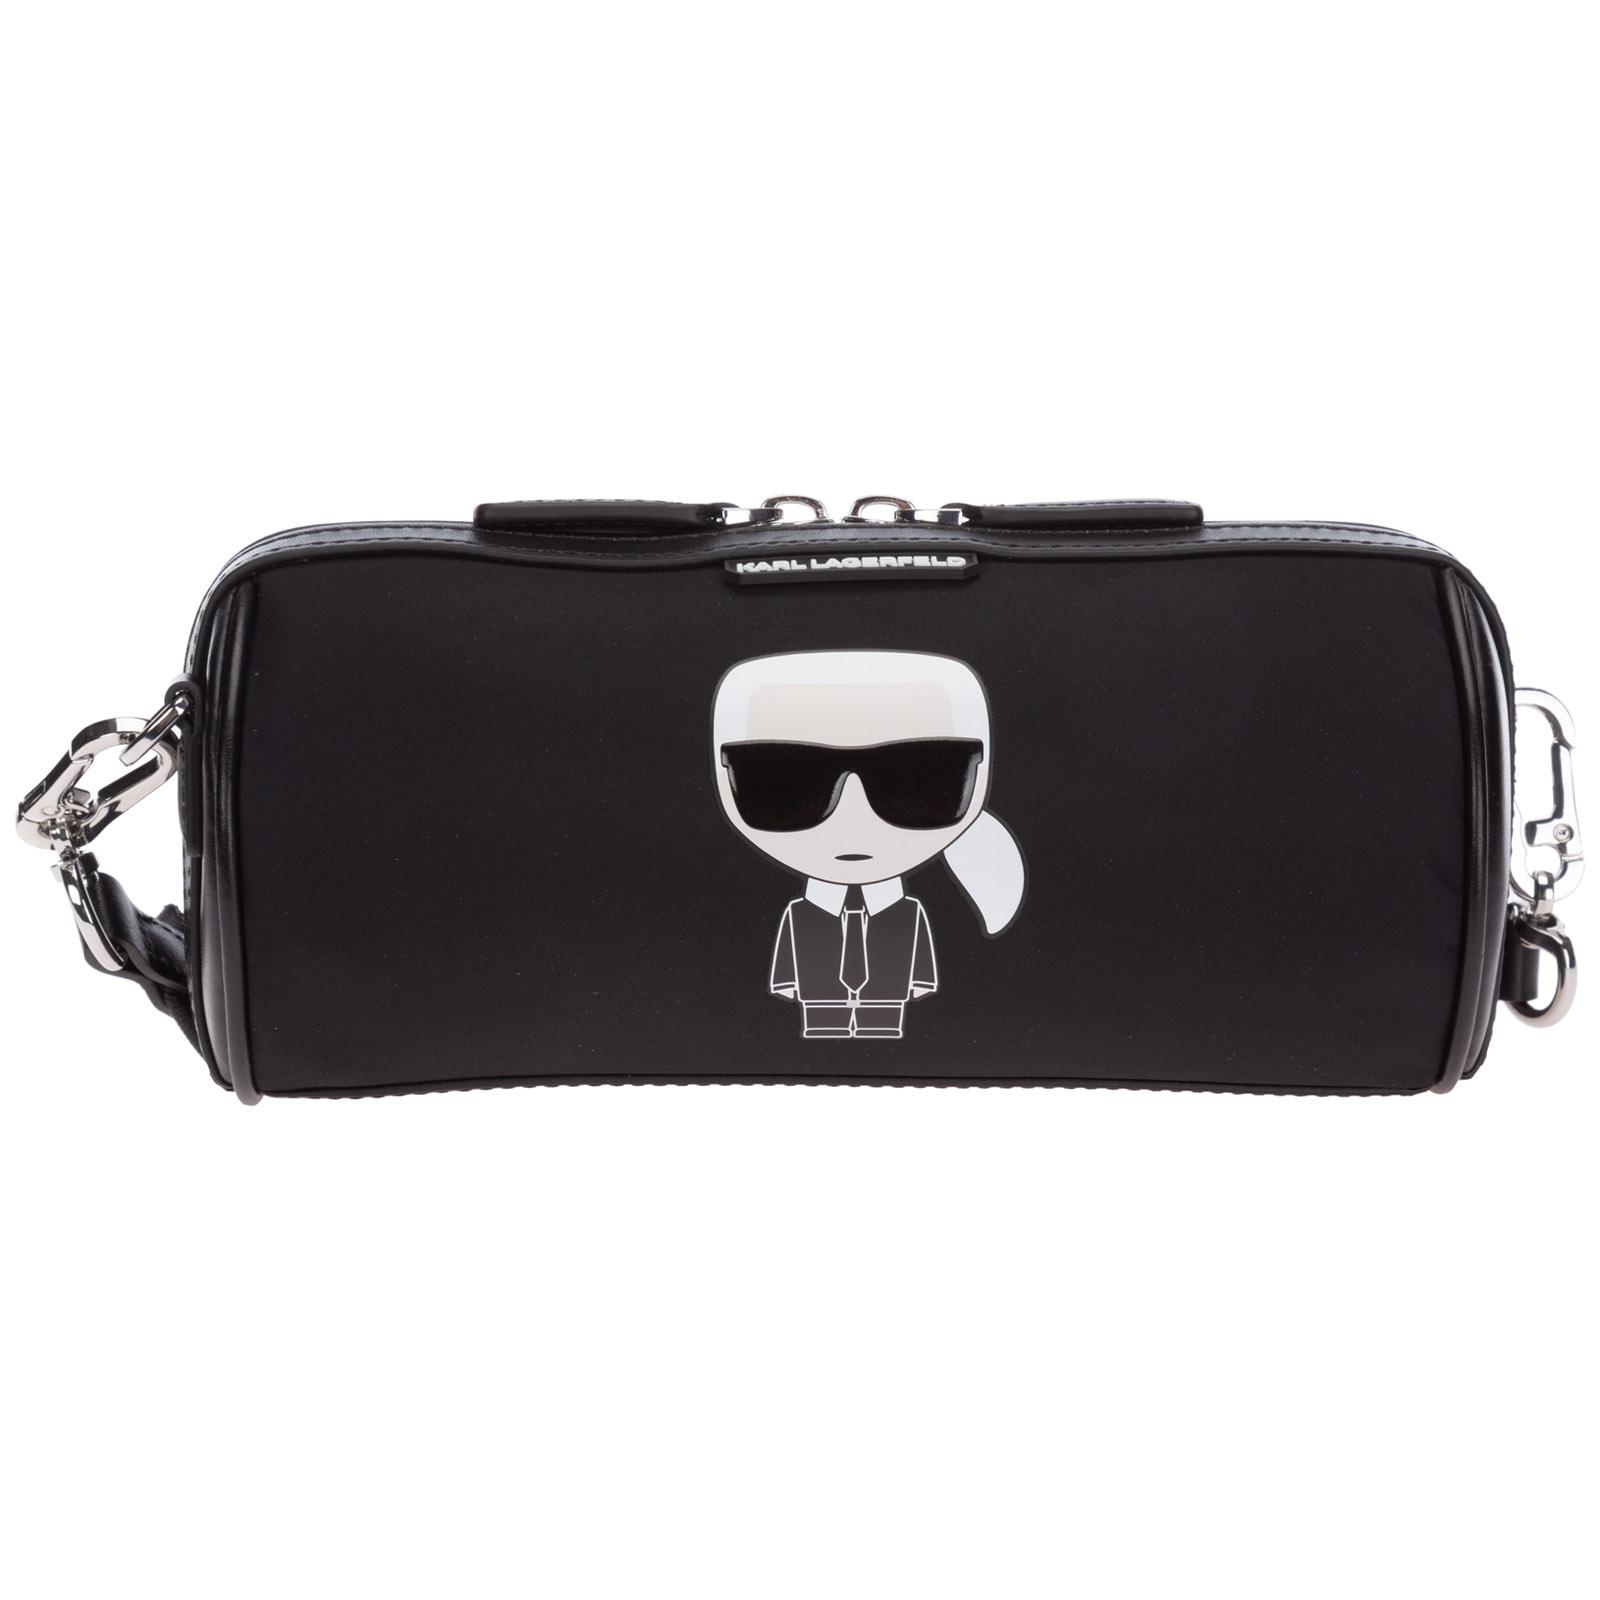 Karl Lagerfeld Shoulder bags WOMEN'S LEATHER SHOULDER BAG K/IKONIK